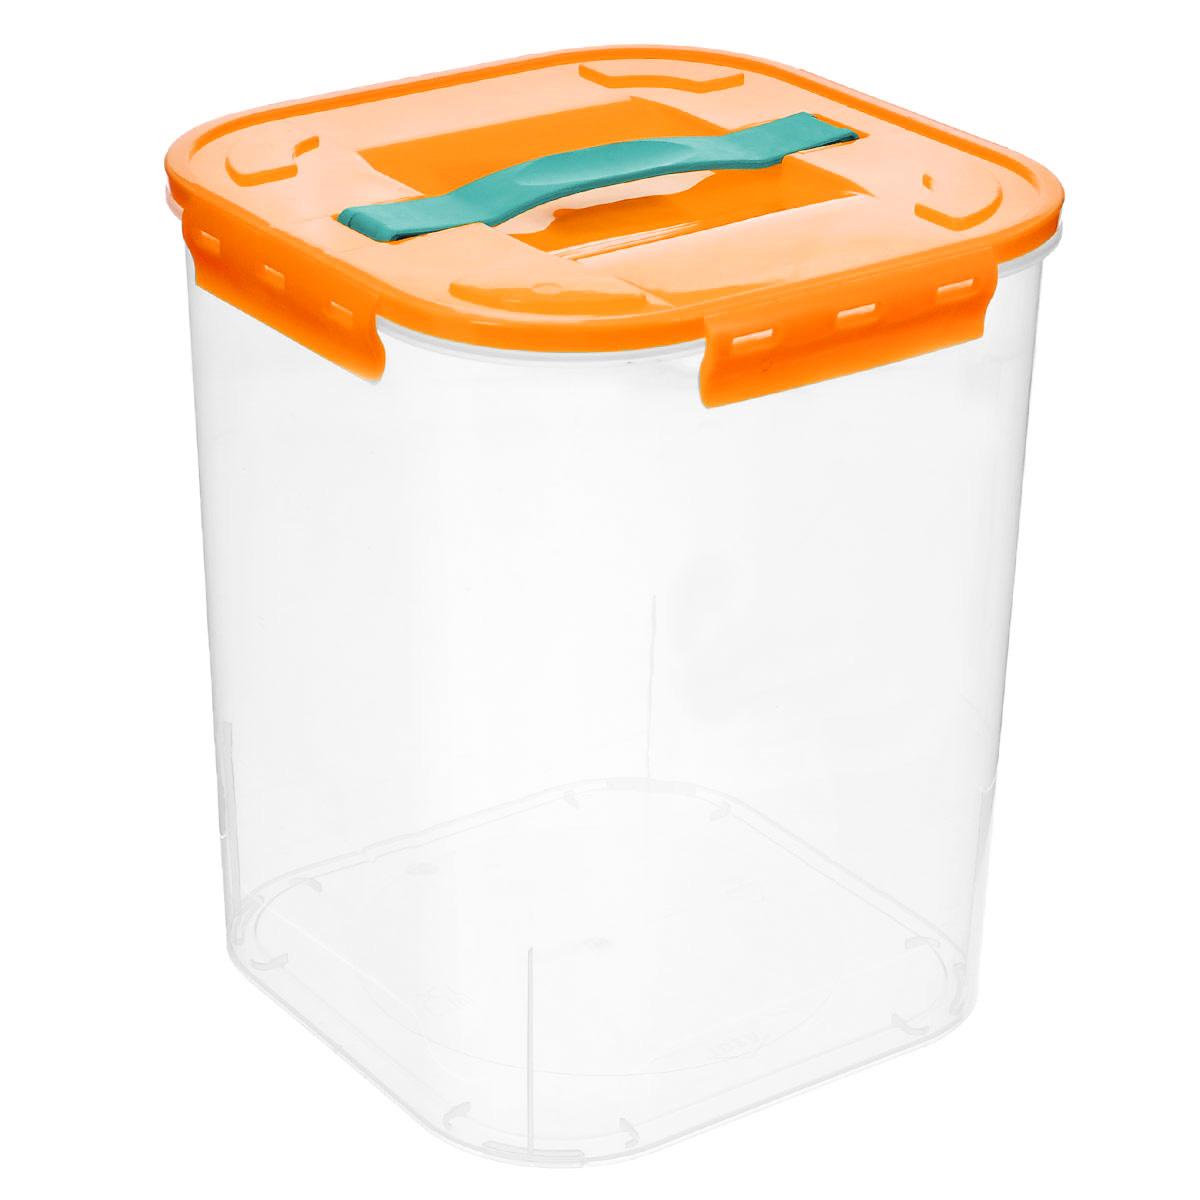 Контейнер для хранения Idea, цвет: оранжевый, прозрачный, 10 л